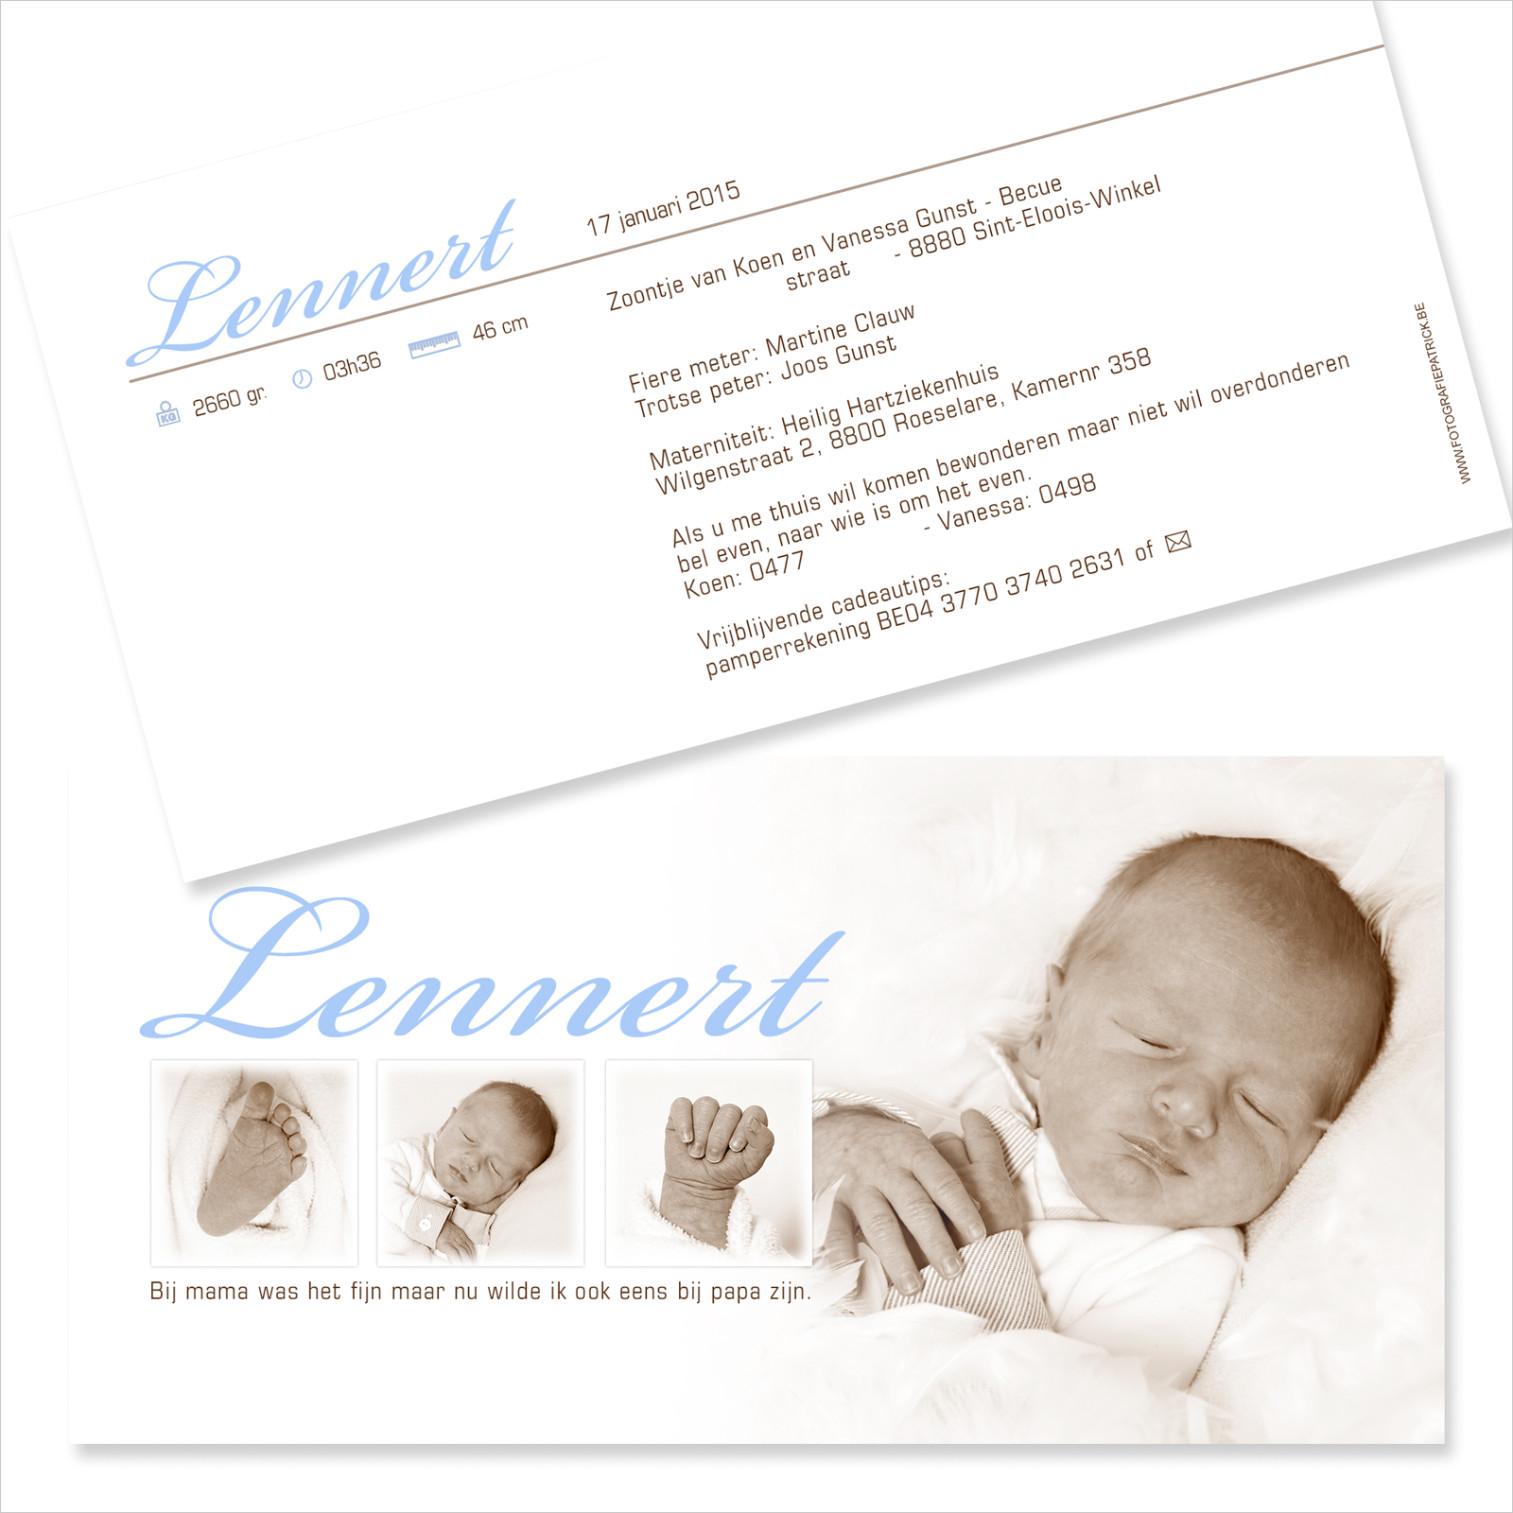 Geboortekaartje met foto van Lennert